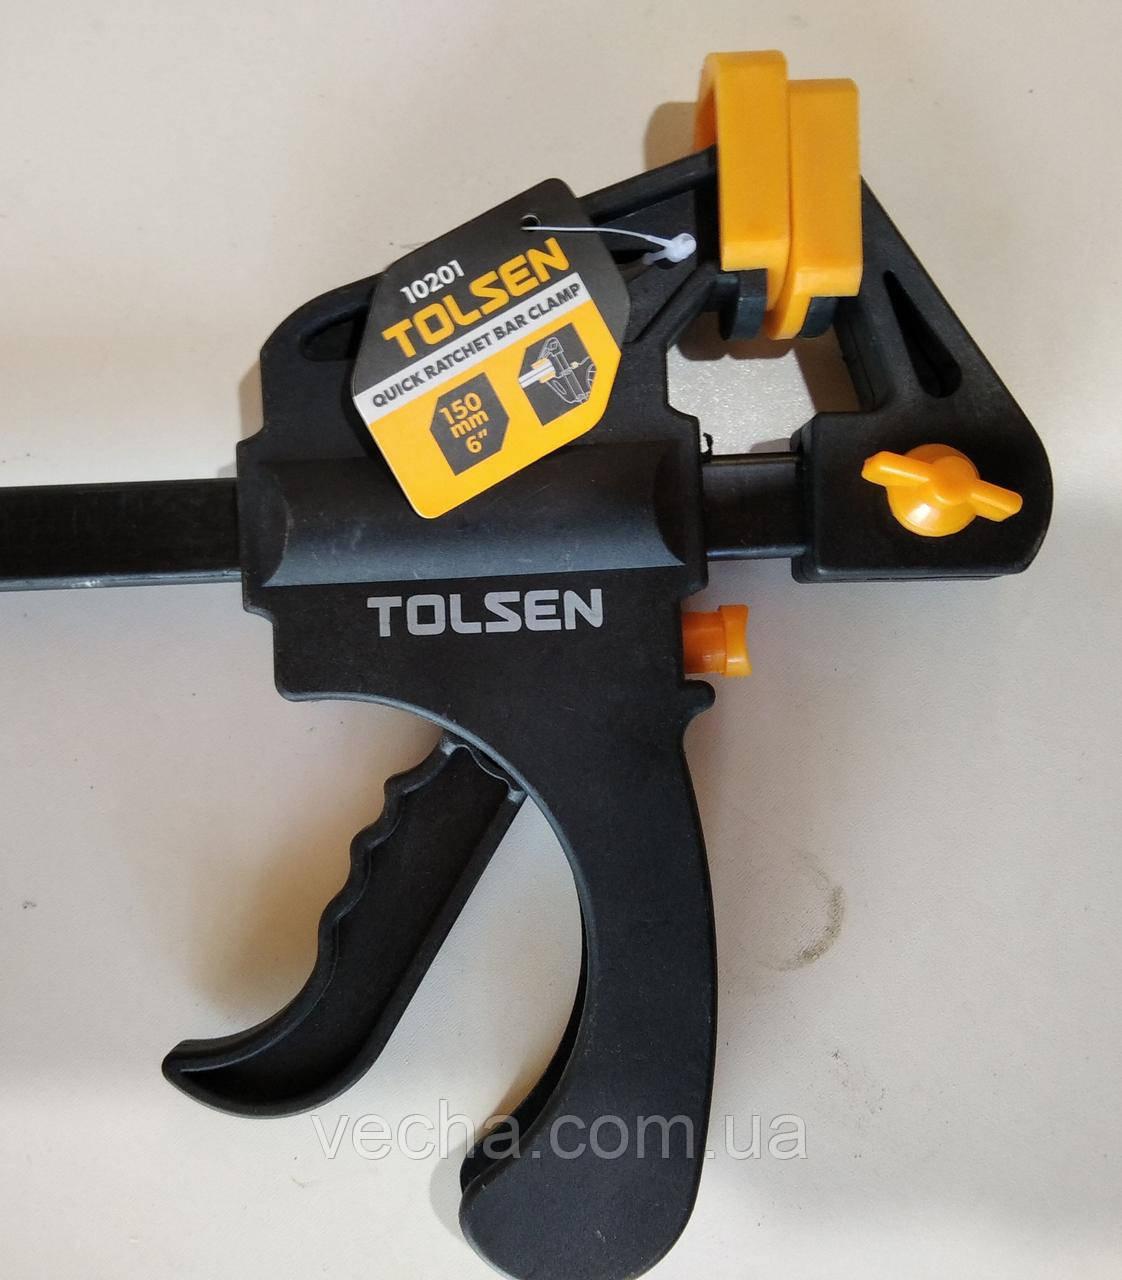 Струбцина Tolsen автоматическая 60x600 мм